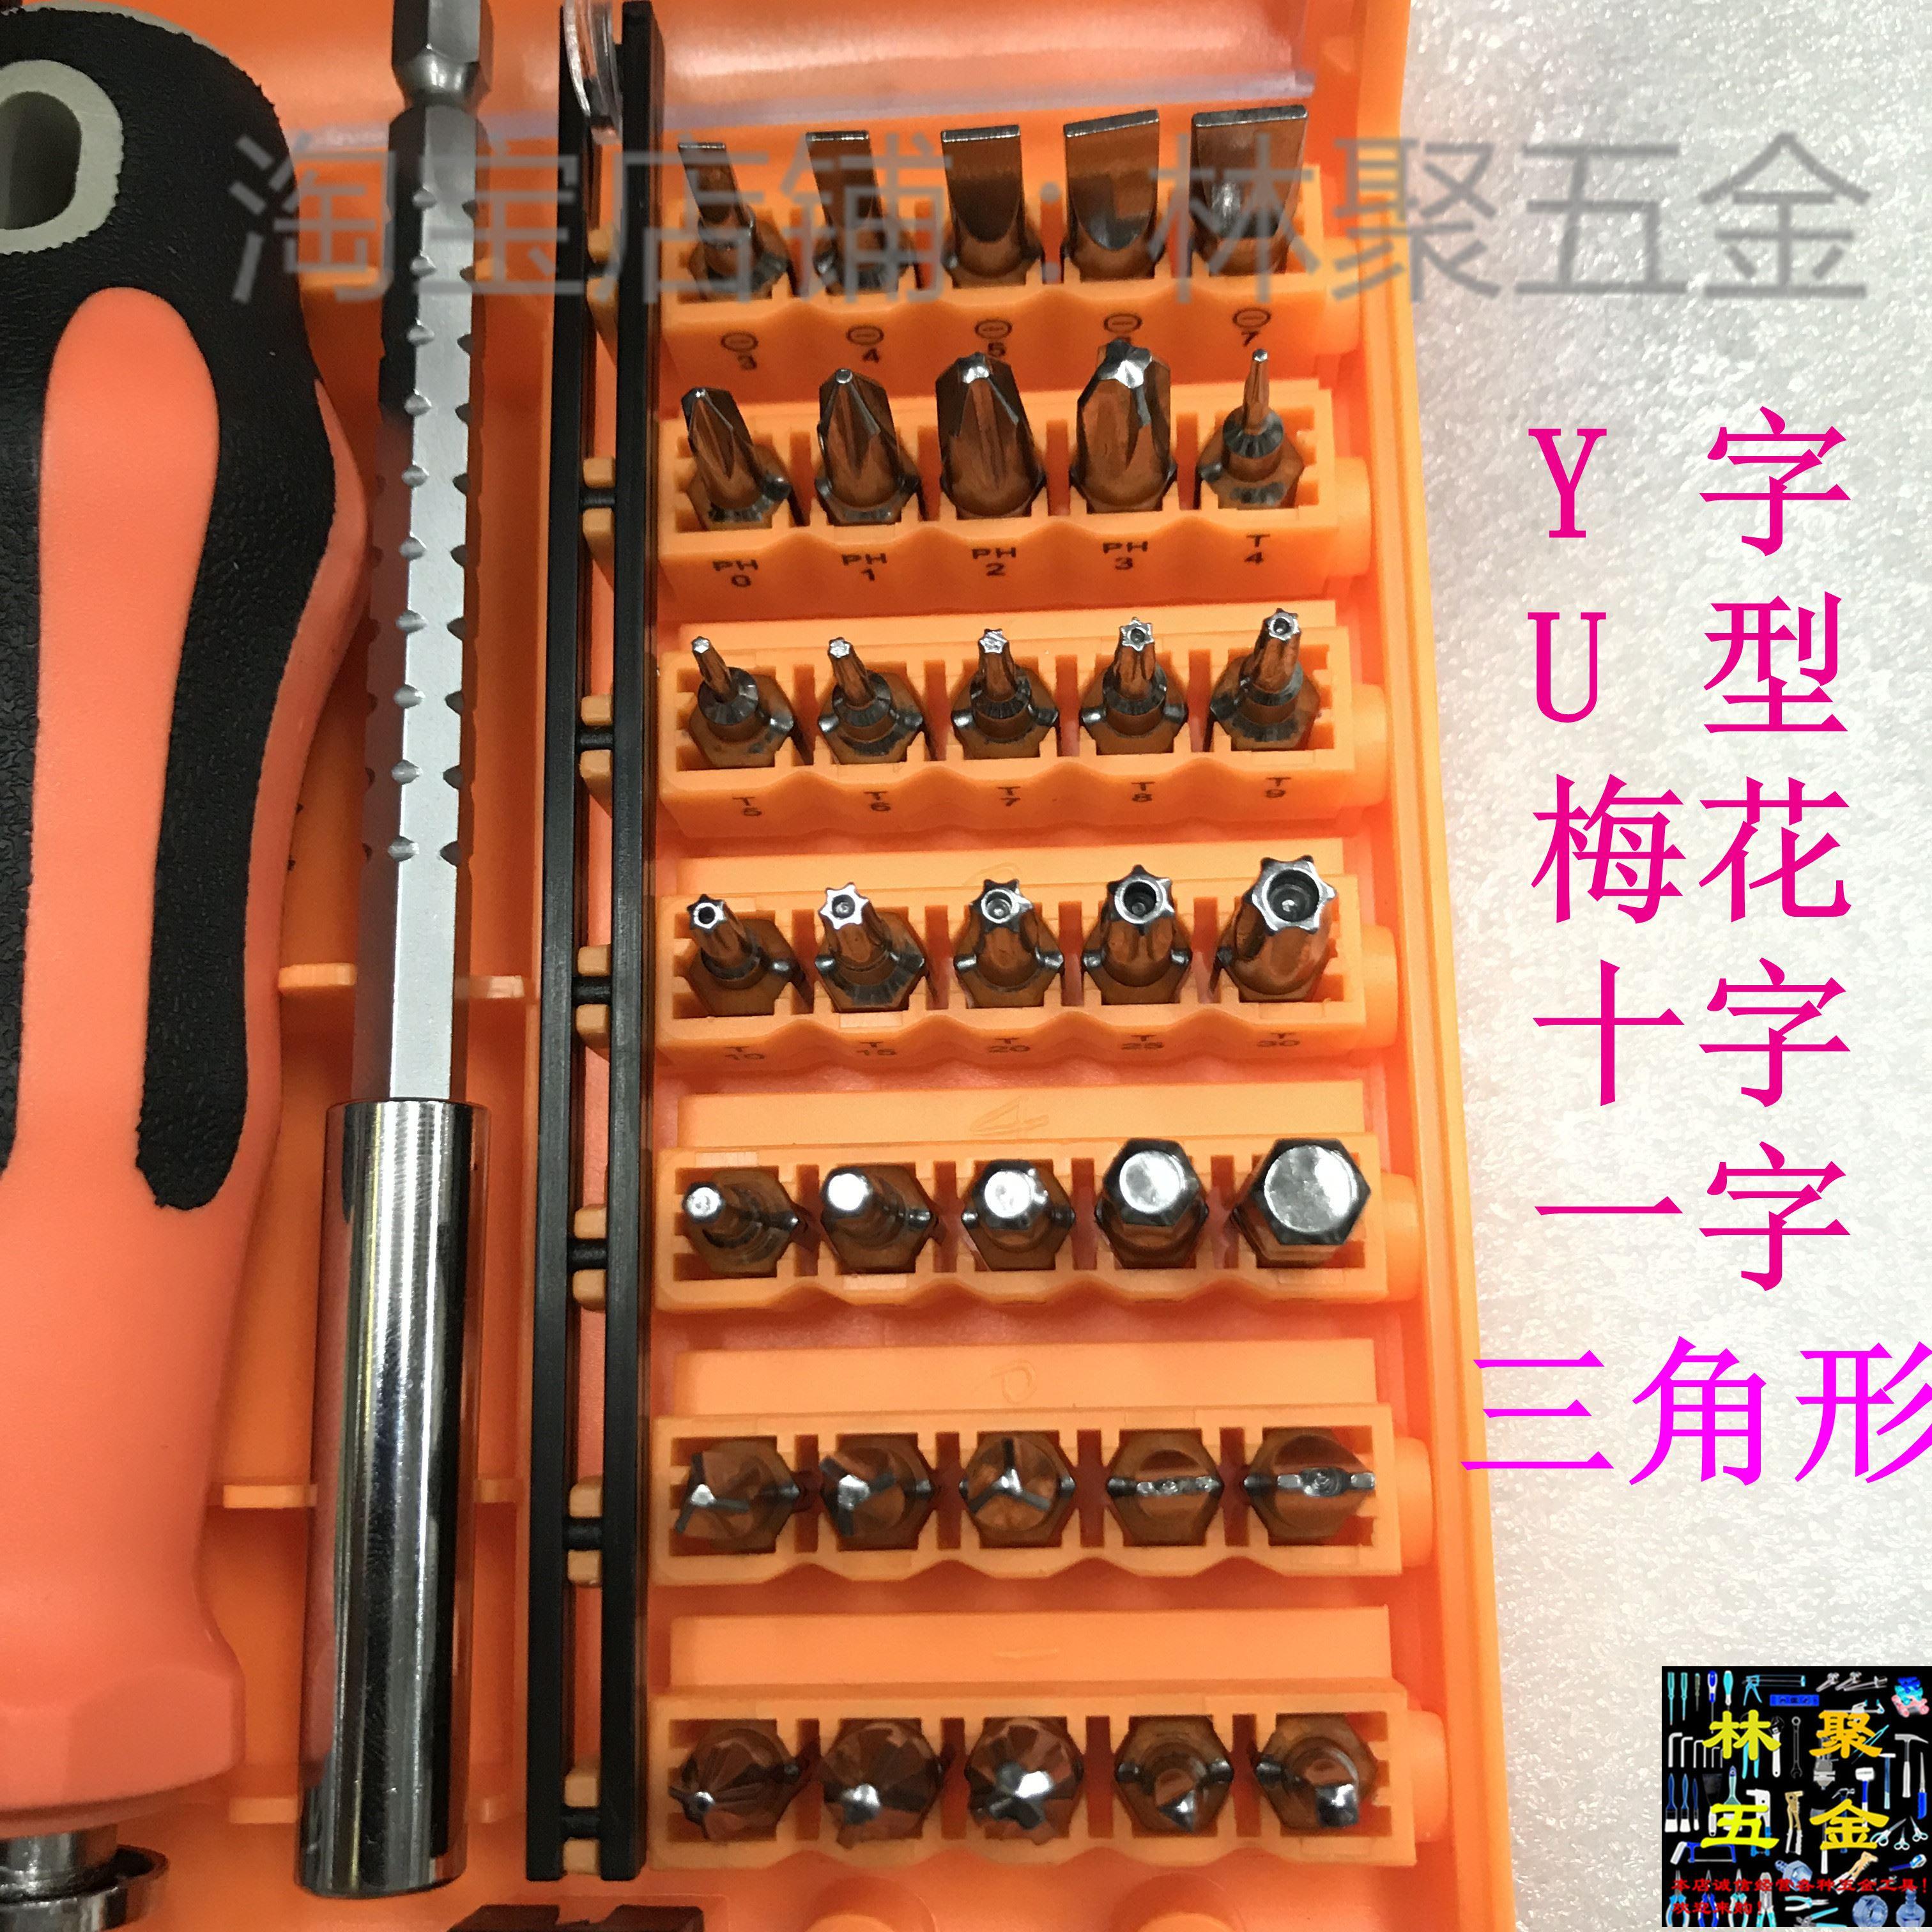 蒸炉博世西门子螺丝刀维修油烟机灶具洗衣机等工具洗碗机专用冰箱